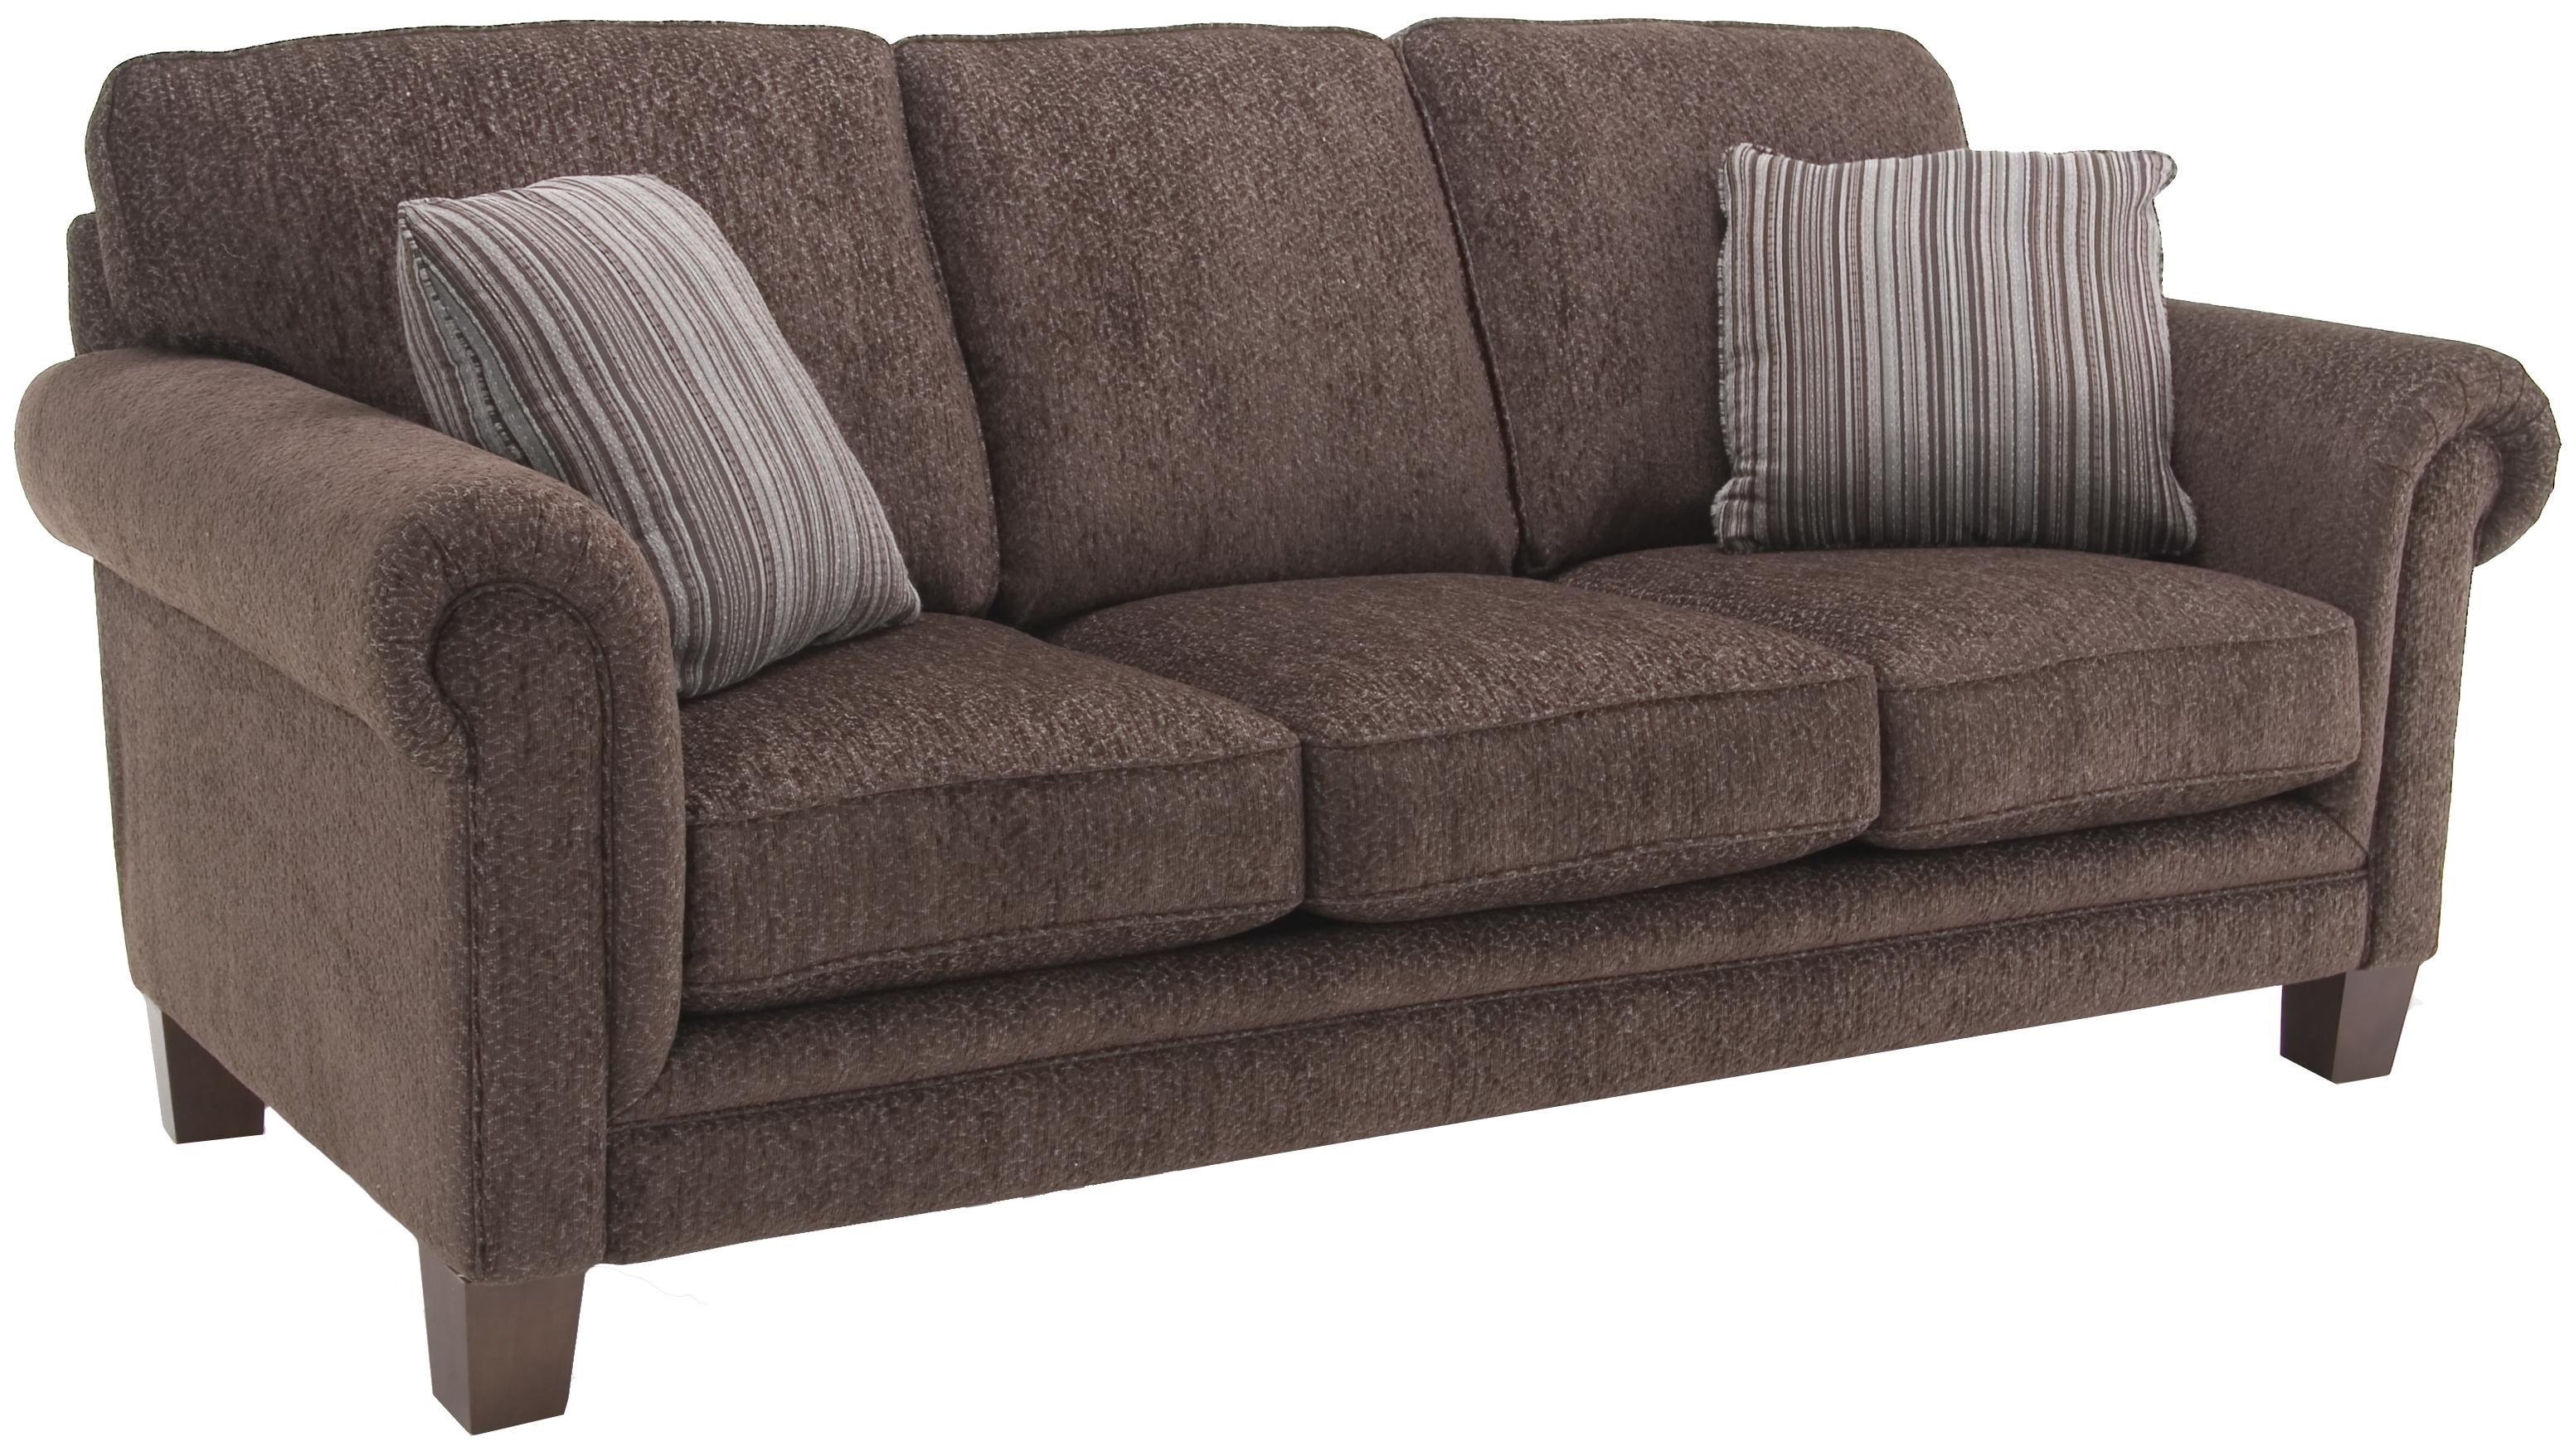 Decor-Rest 2179 Sofa - Item Number: 2179S